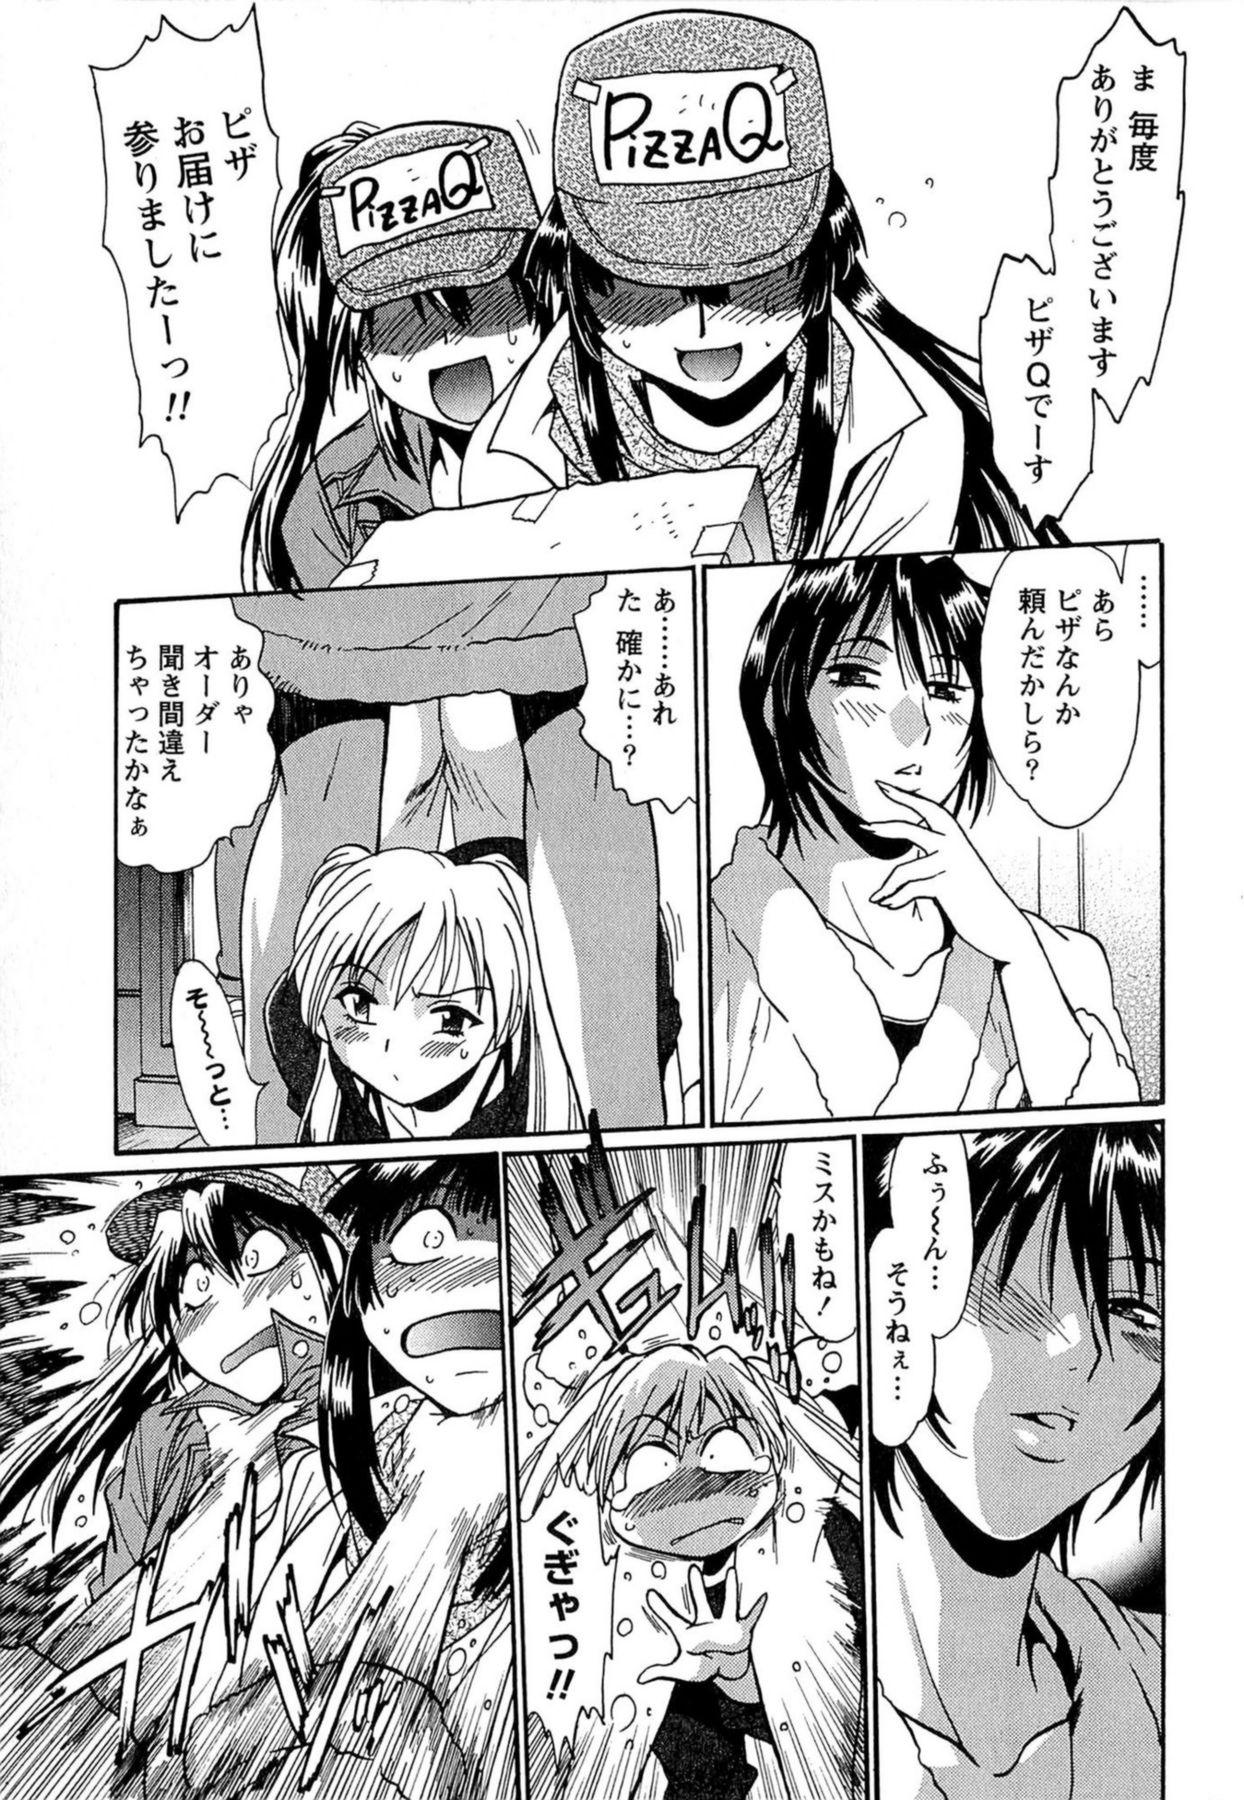 Kuikomi wo Naoshiteru Hima wa Nai! Vol. 1 139